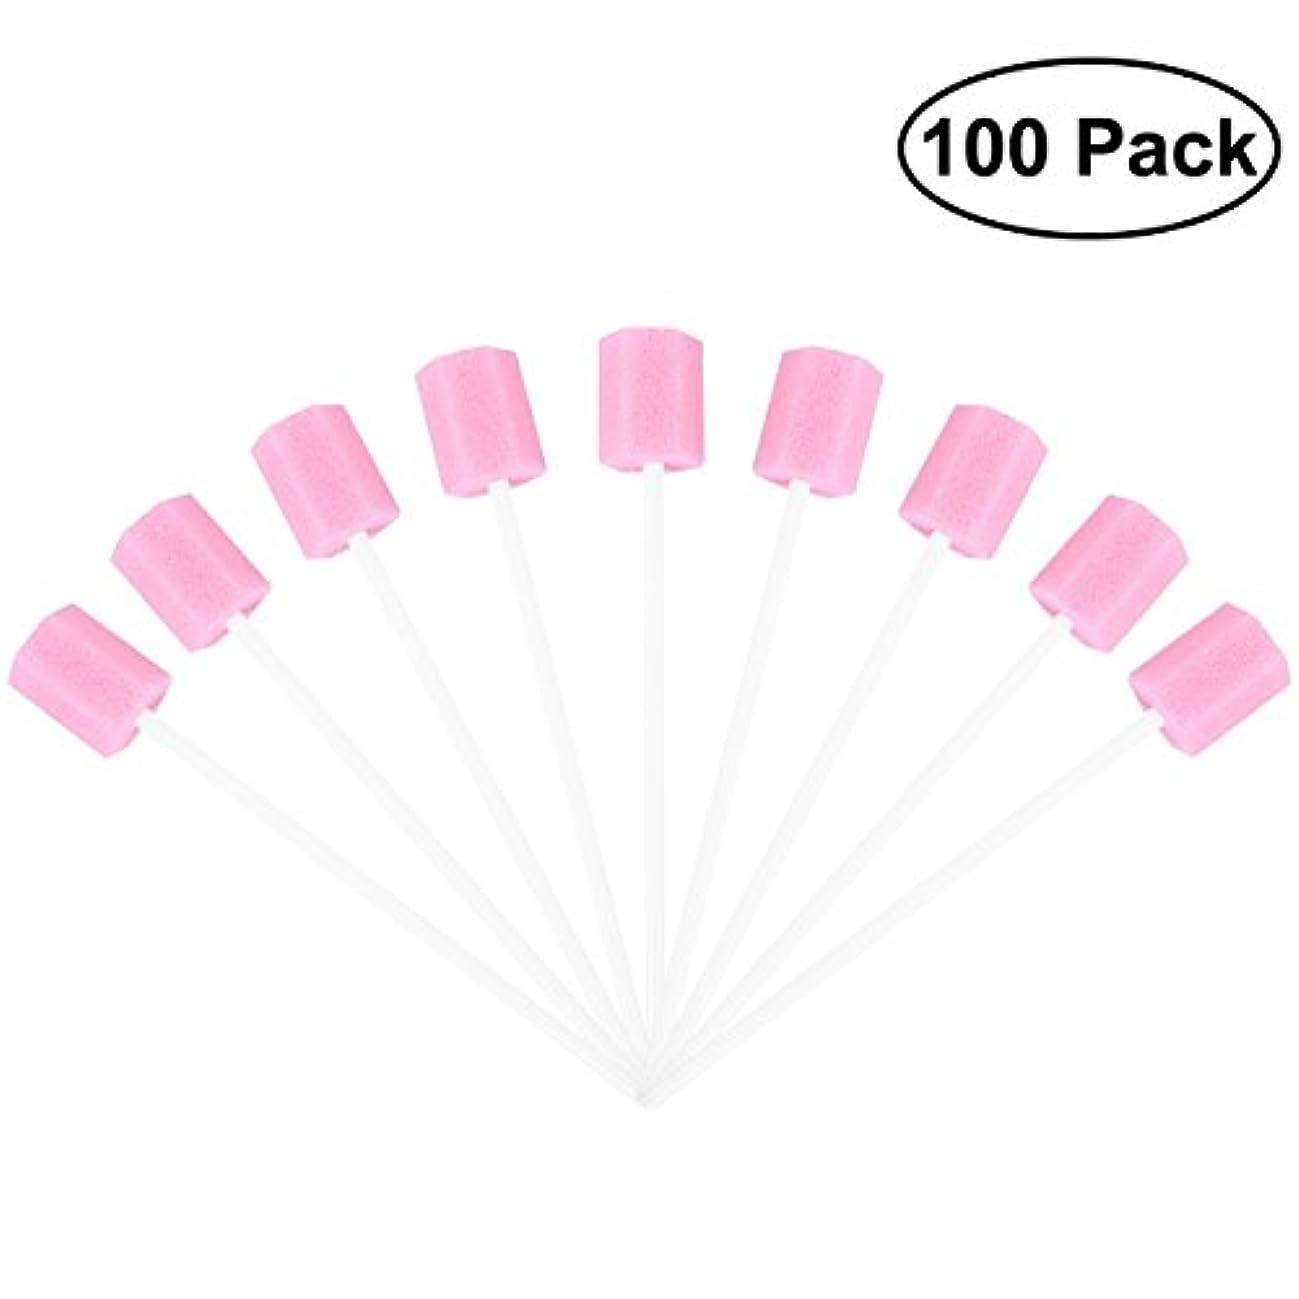 擬人直径窓を洗うROSENICE 使い捨てオーラルケアスポンジスワブ歯口洗浄スワブ100個(ピンク)